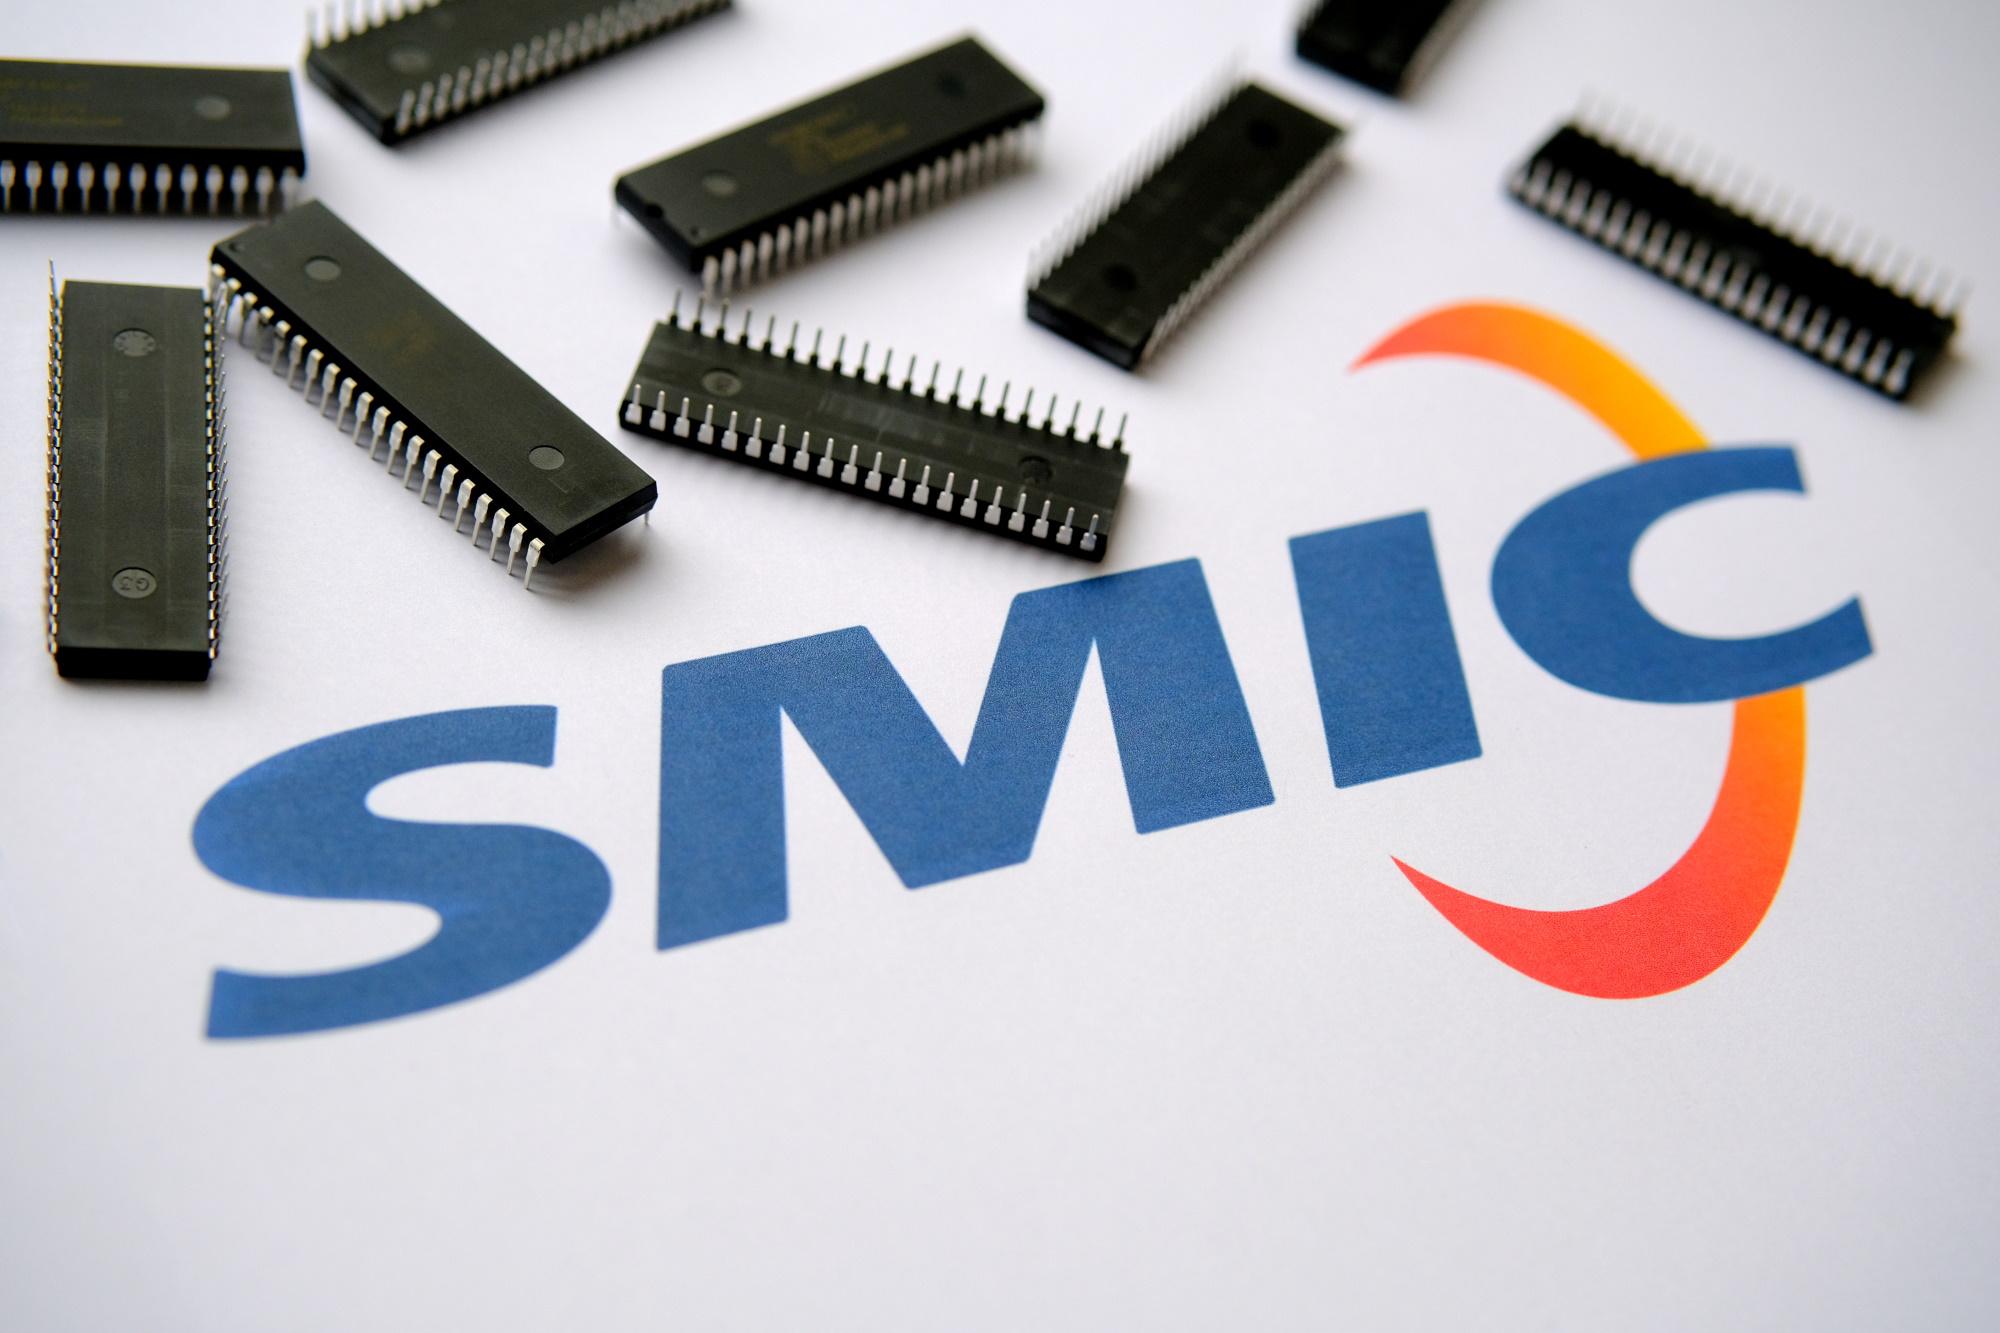 SMIC w związku z współpracą z chińskimi siłami zbrojnymi, trafił na czarną listę Departamentu Handlu USA Fot. Shutterstock